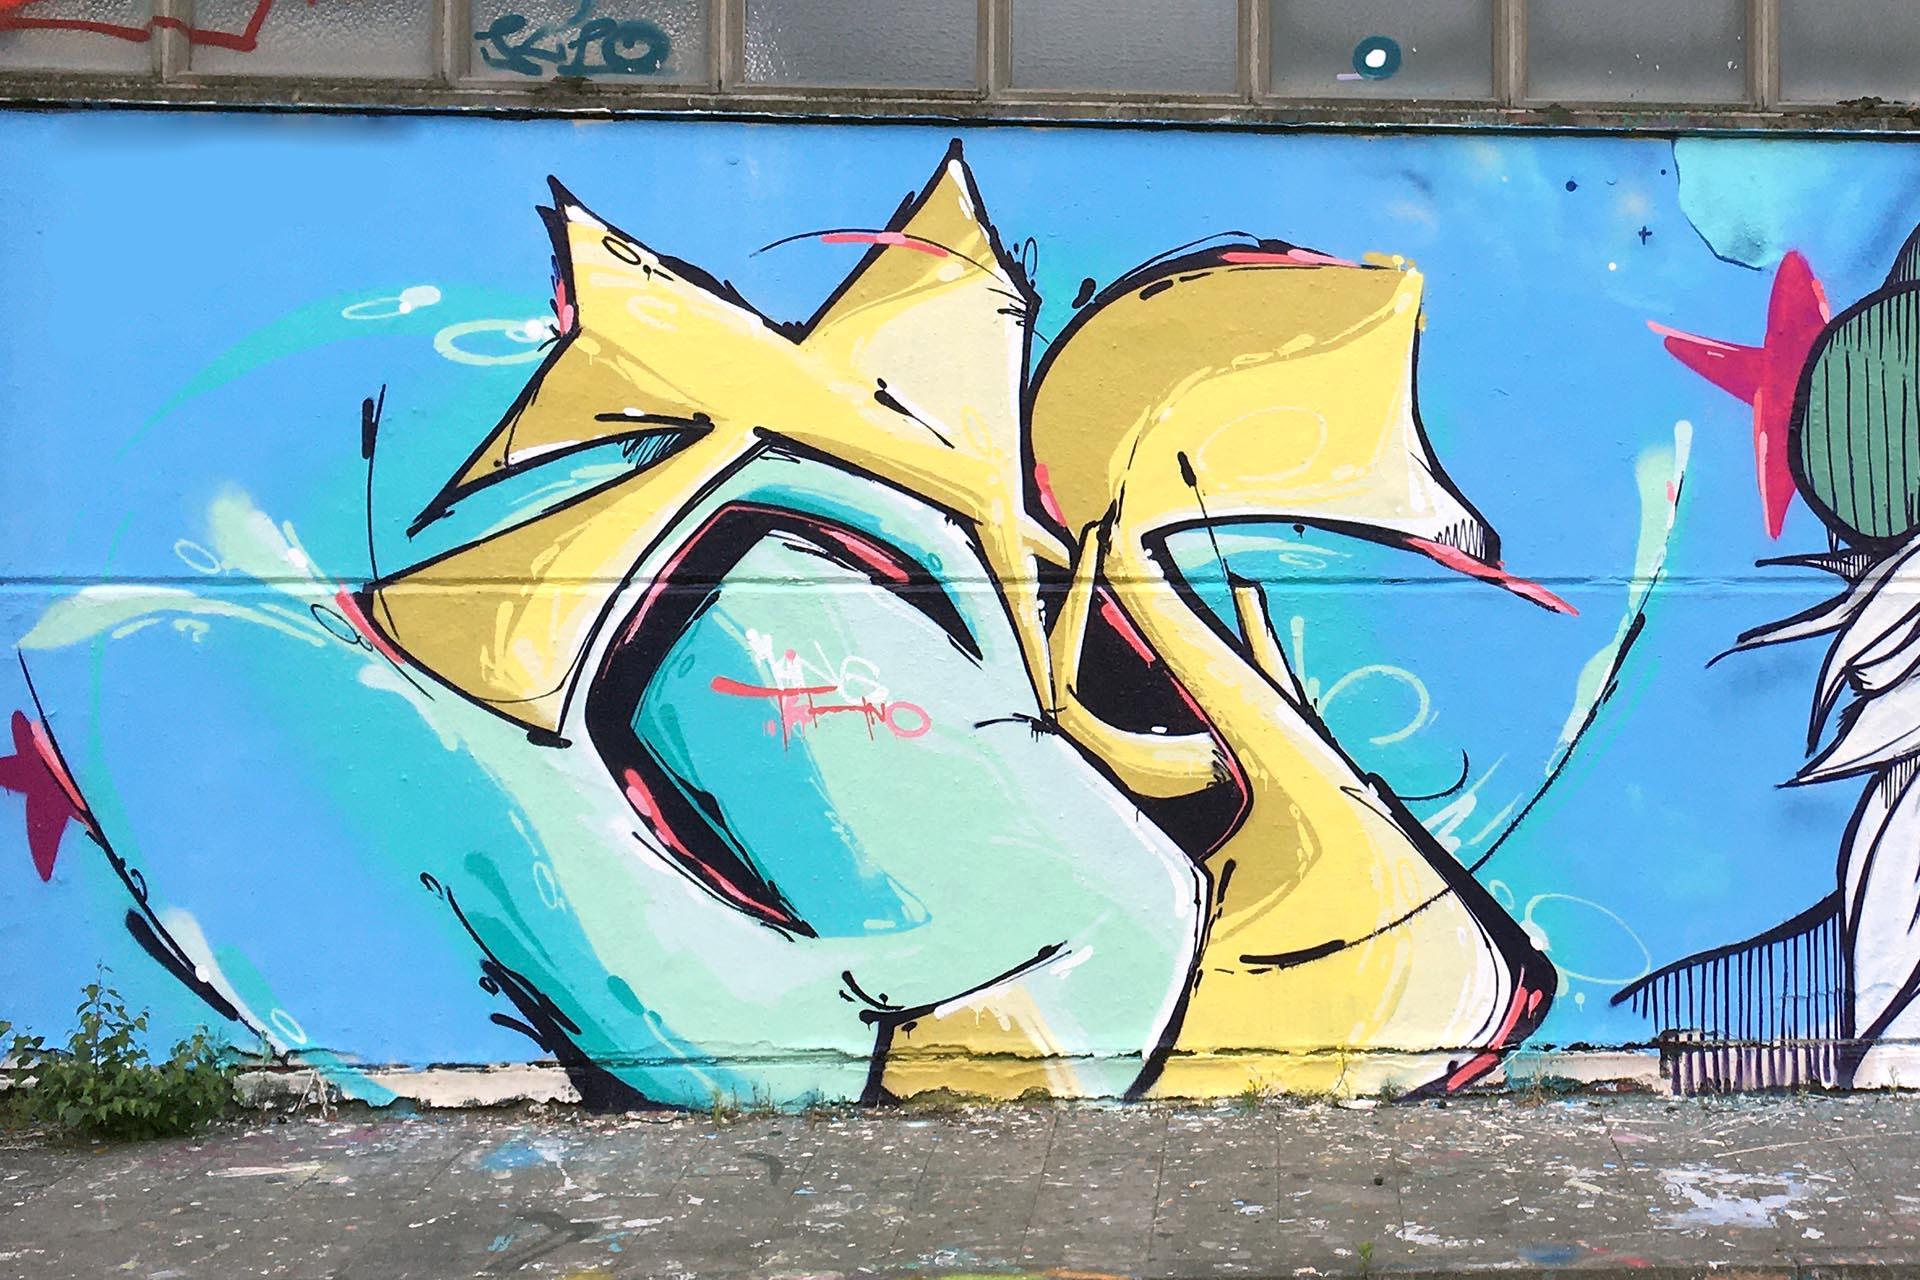 Graffiti Auckz Münster Wangestaltung